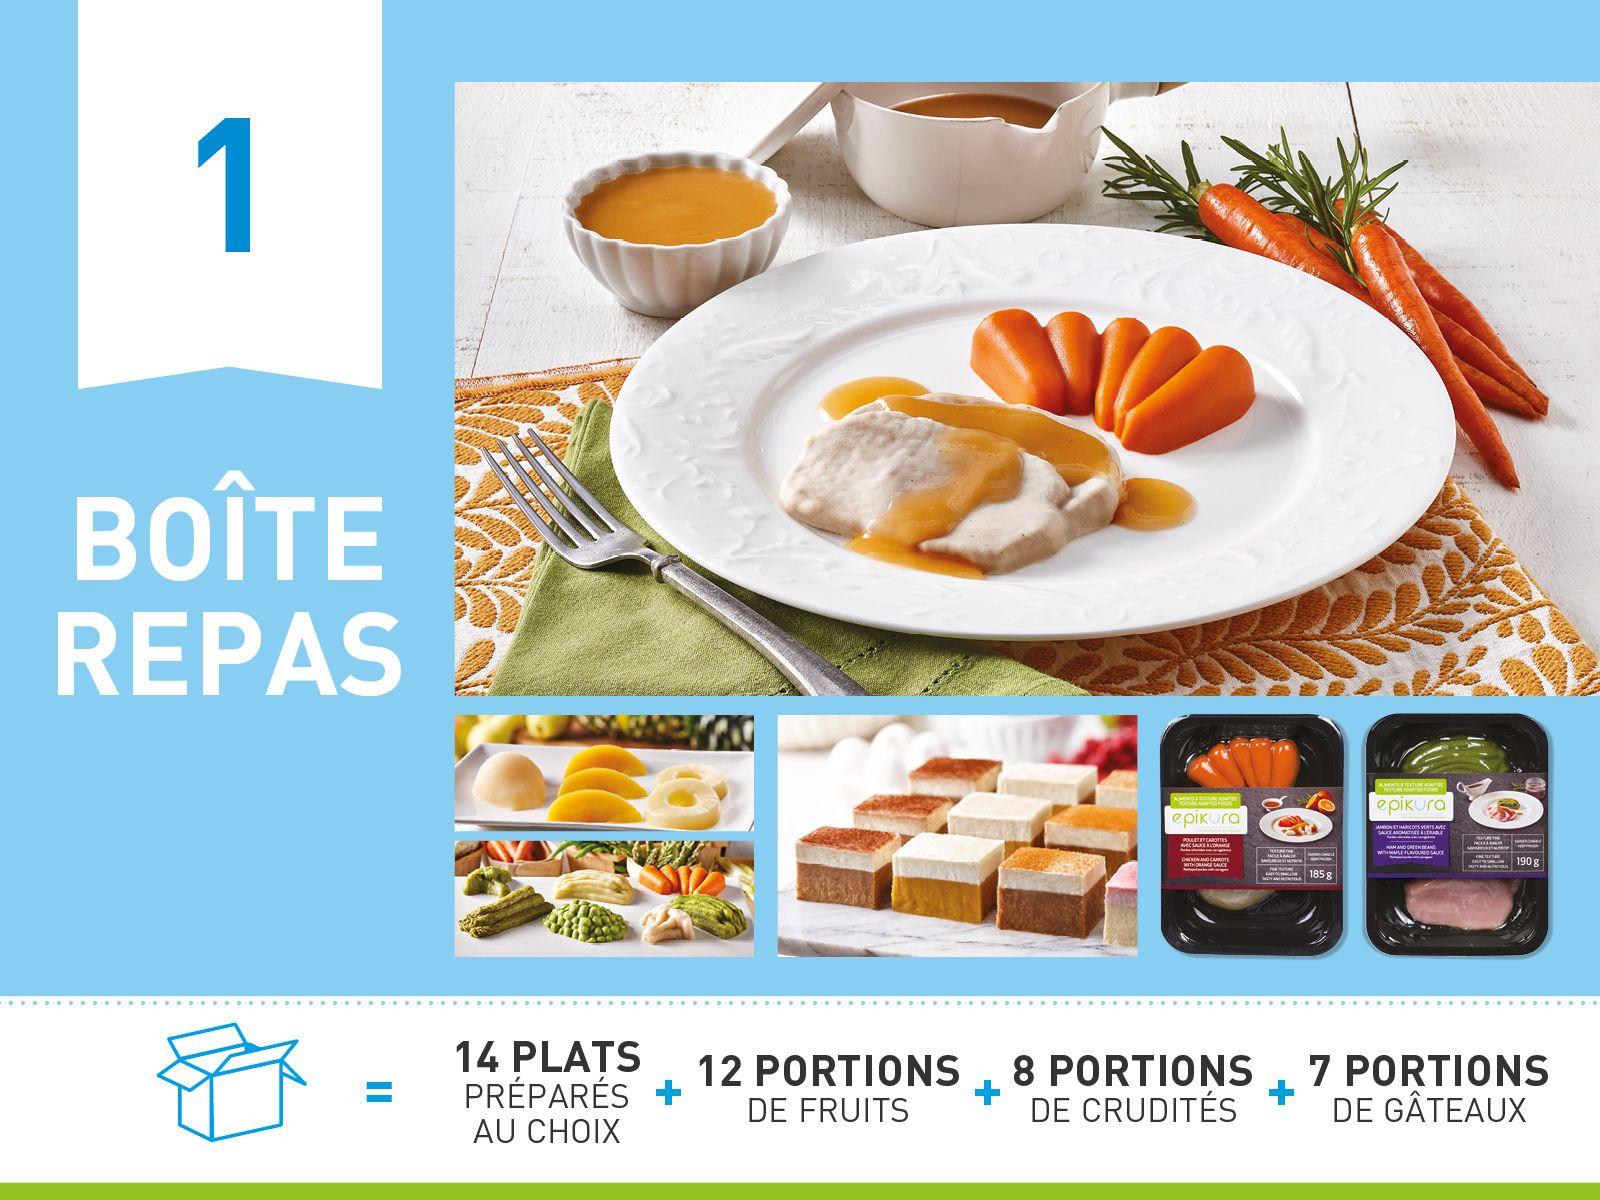 Boîte repas #1     ALIMENTS À TEXTURE ADAPTÉE ET SÉCURITAIRE